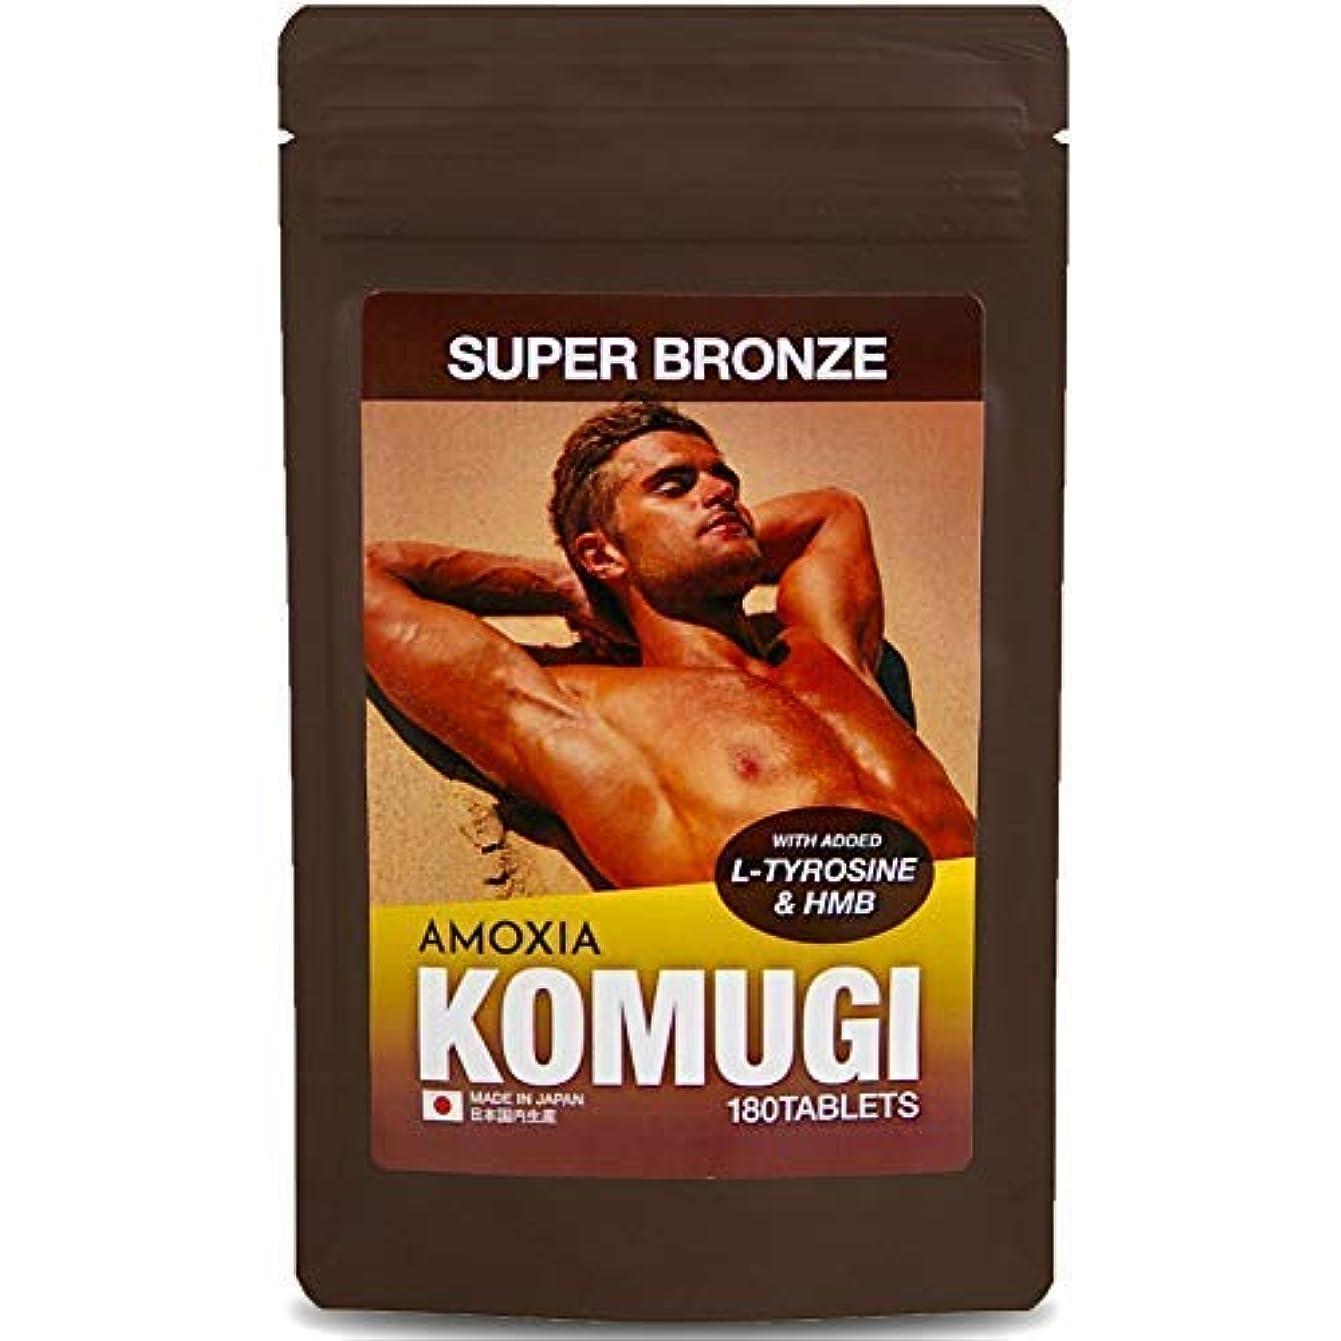 見えないパッチ没頭するKOMUGI 日焼けと筋肉増強で新発想の飲むタンニング タンニングサプリメント 安心の国産 HMB配合 国産シェア100%